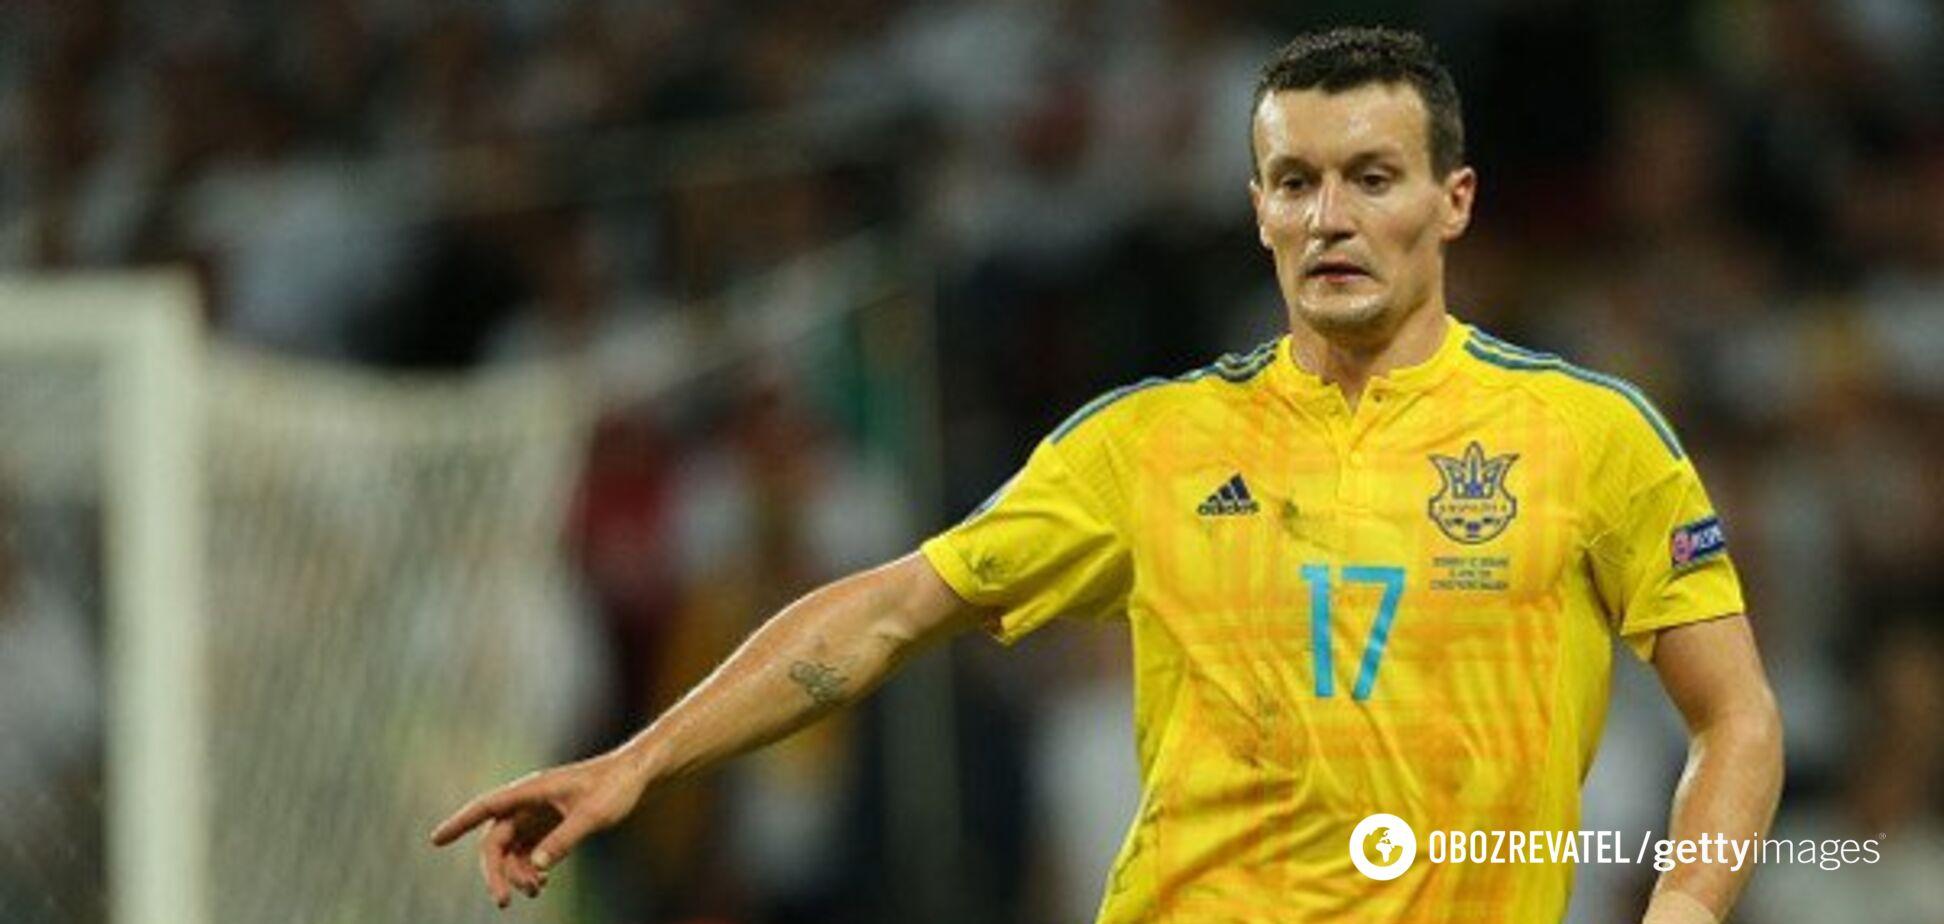 Кандидат 'Слуги народа': знаменитый экс-футболист сборной Украины подался в политику